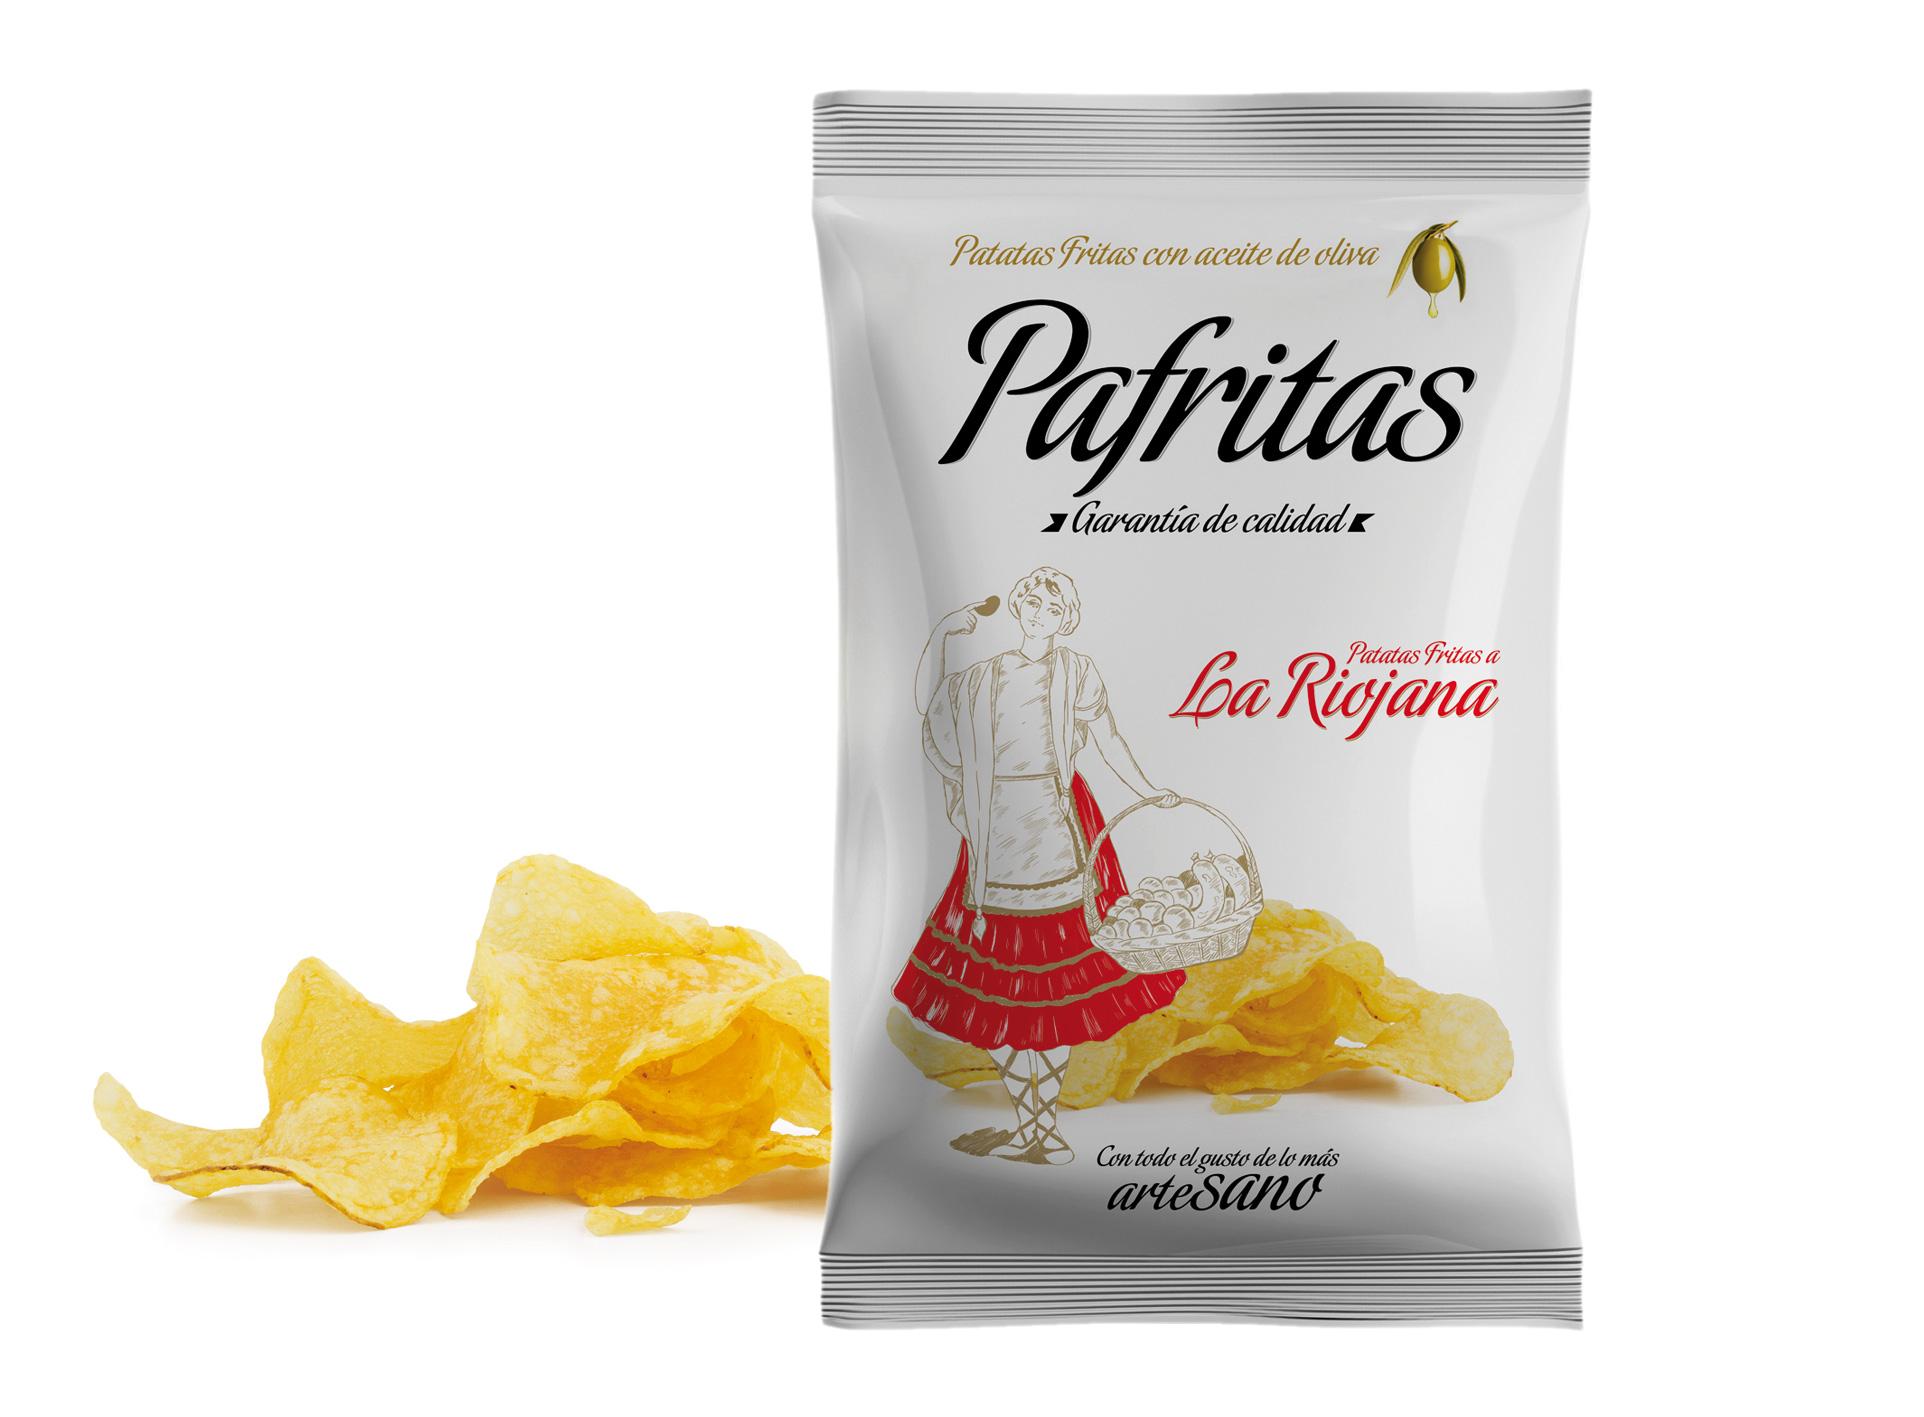 Pafritas_La_Riojana_140_grs_Patatas_Fritas_Artesanas_Navarrete_La_Rioja